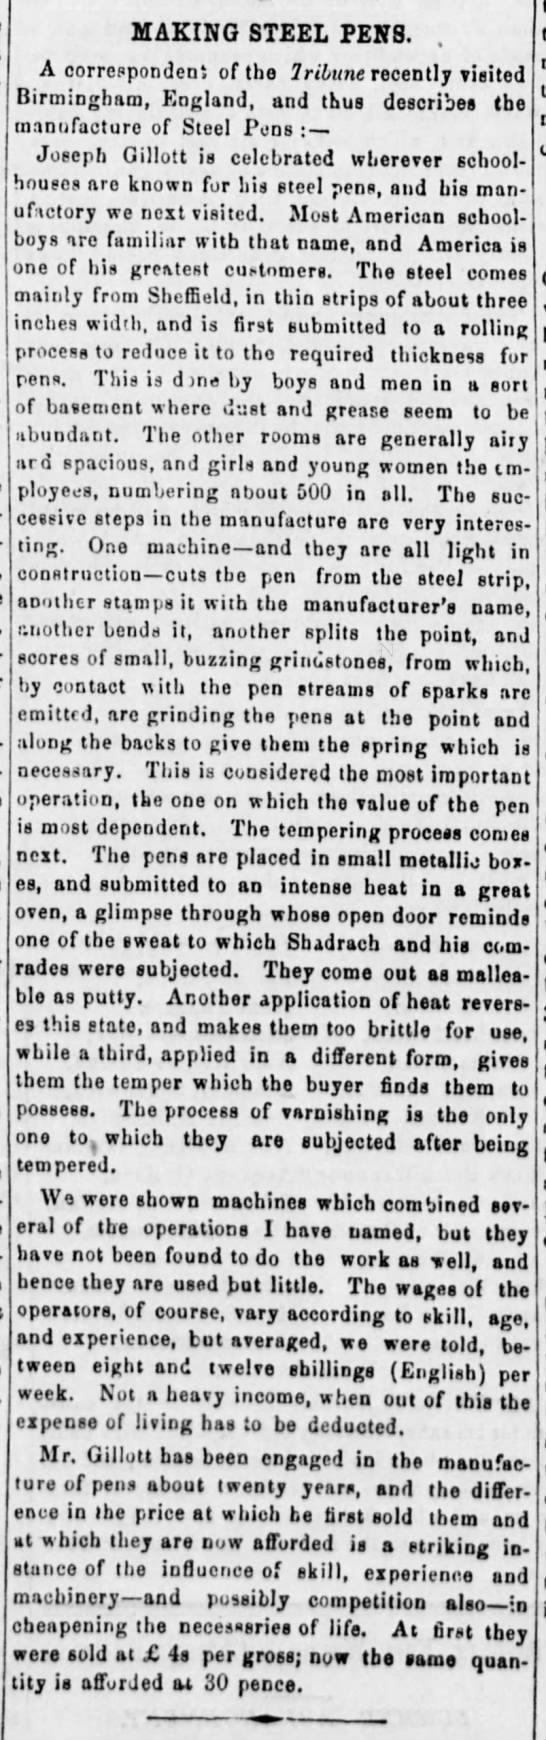 1859 - Making Steel Pens - Gillott, from Tribune -